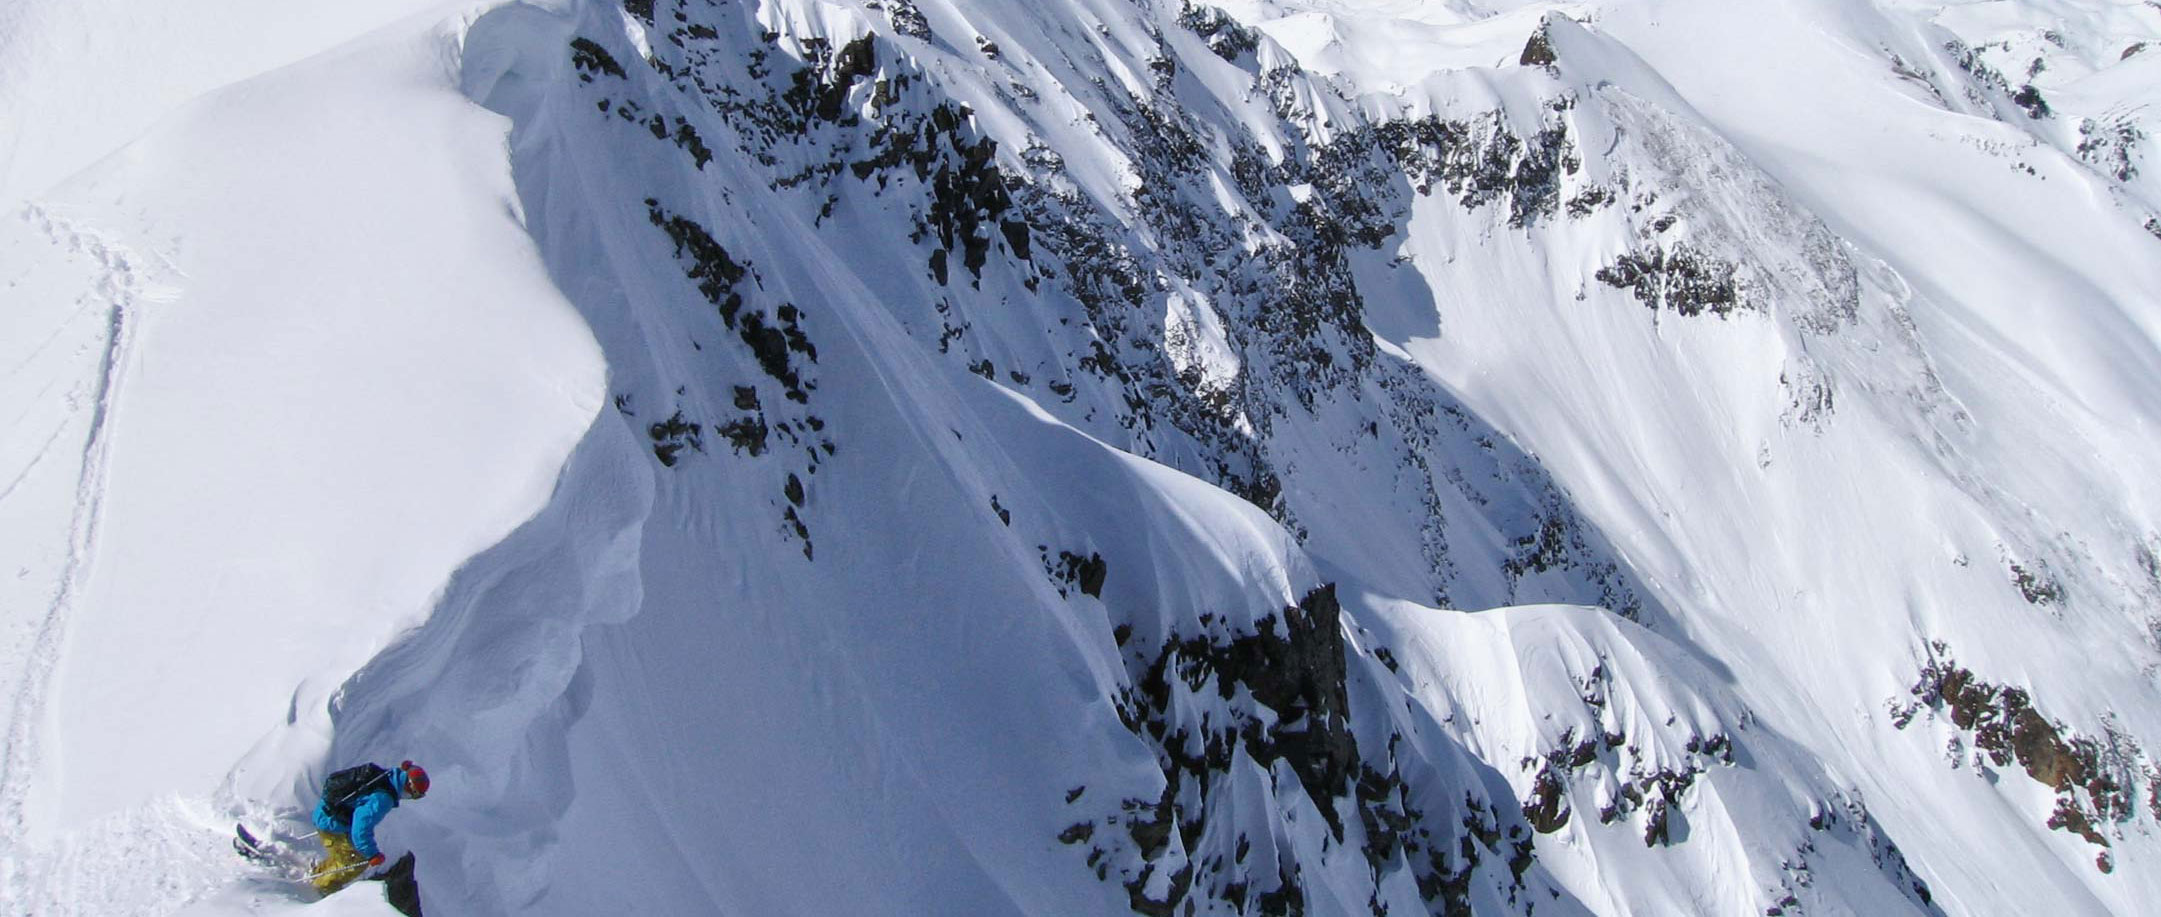 silverton mountain colorado | heli skiing | backcountry